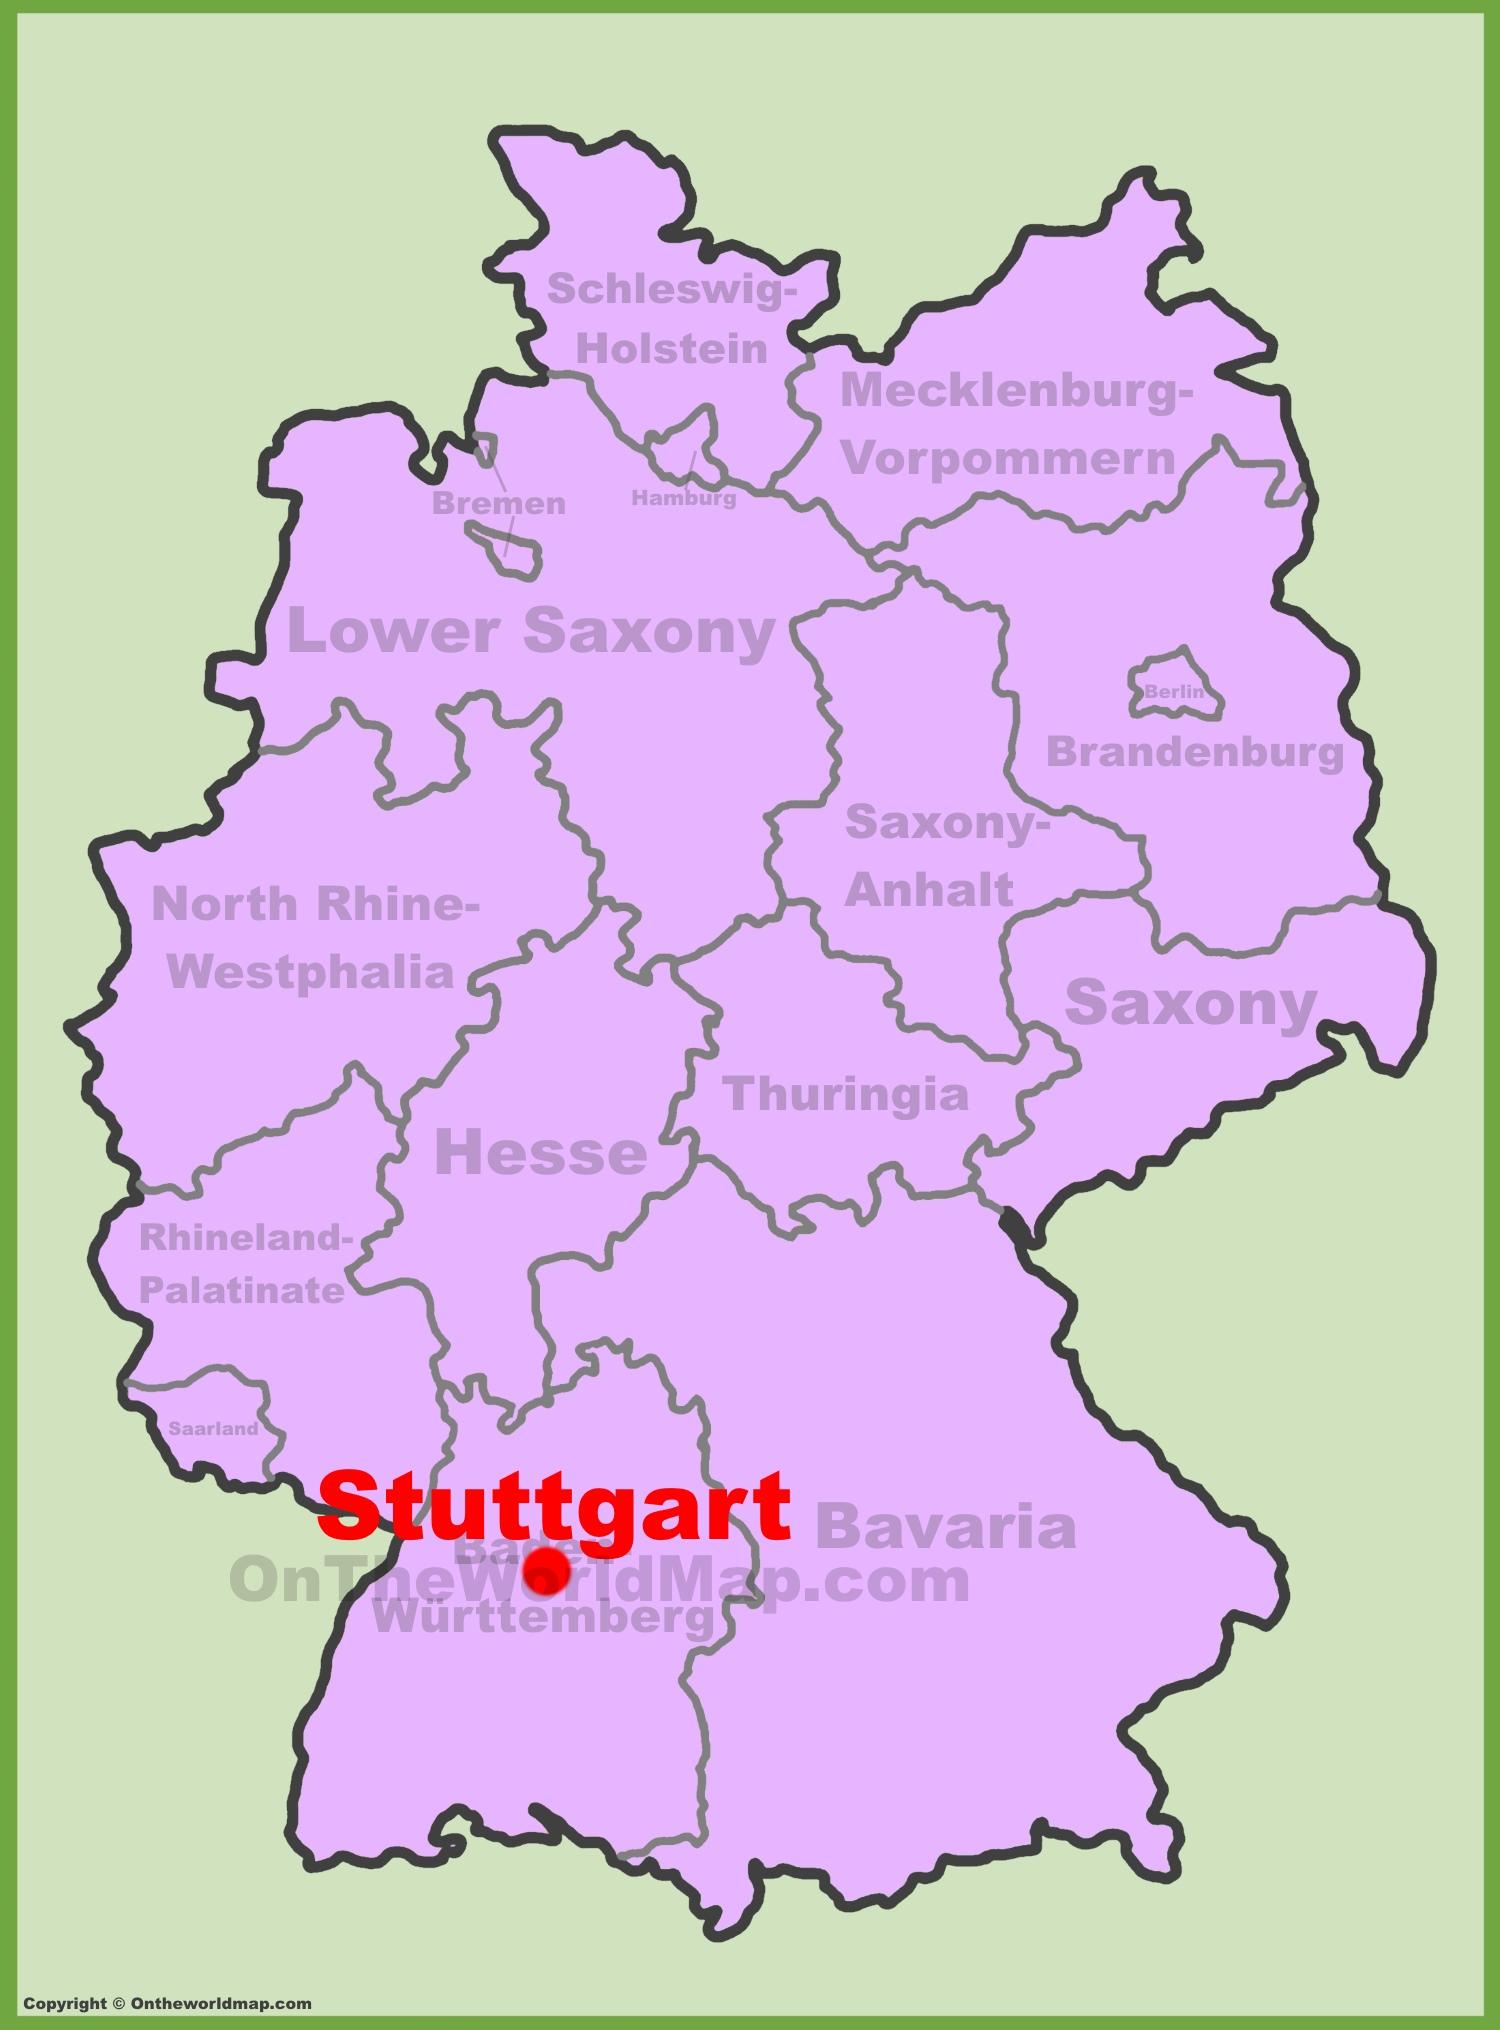 Stuttgart Germany Map Stuttgart Maps | Germany | Maps of Stuttgart